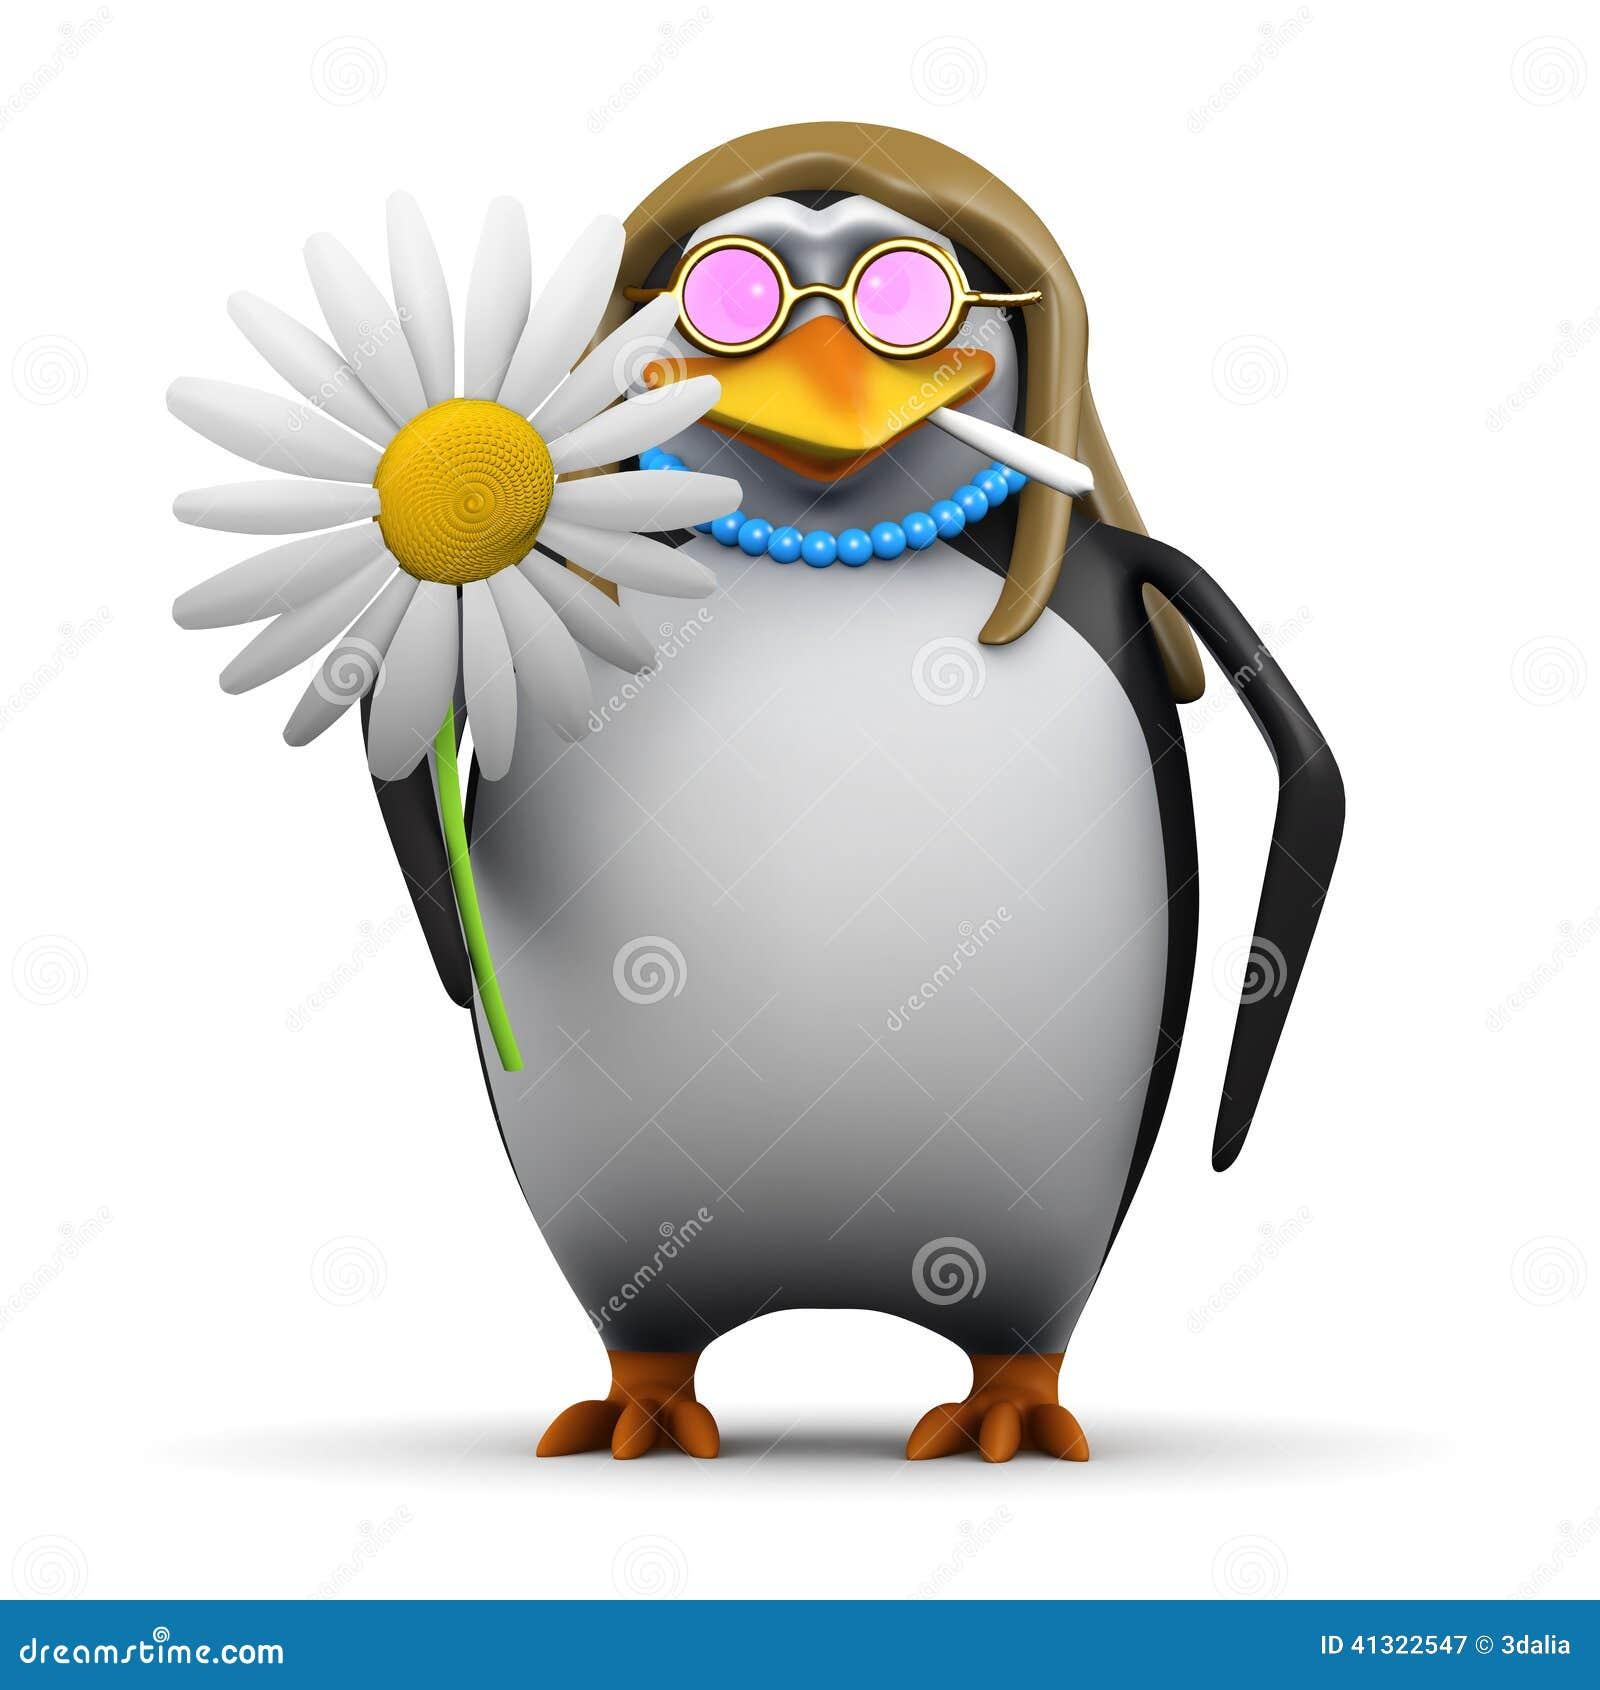 pinguin der hippie 3d mit blume stock abbildung illustration von fl gel gesch pf 41322547. Black Bedroom Furniture Sets. Home Design Ideas